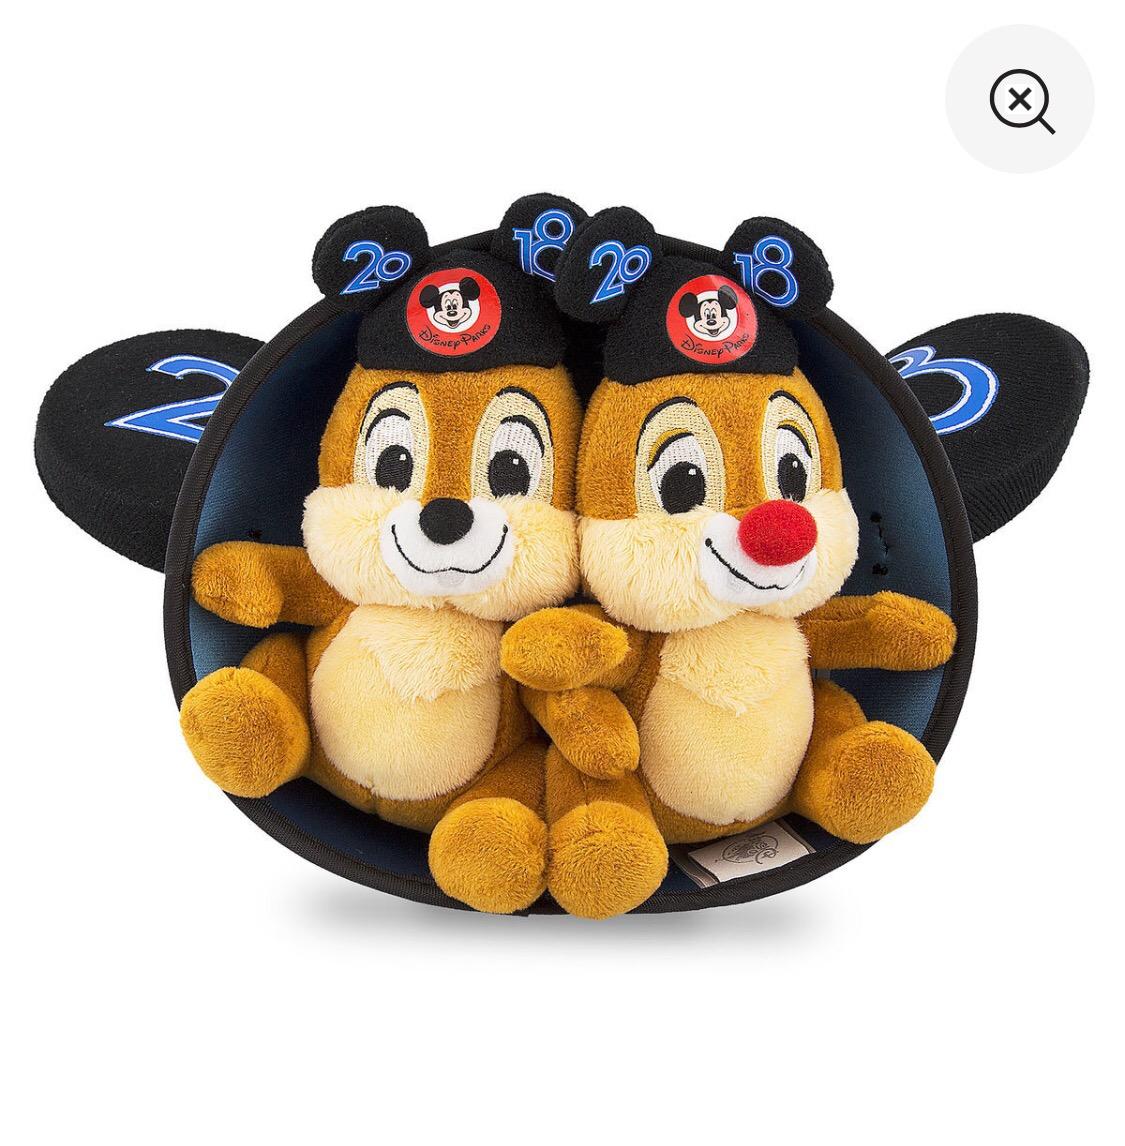 美国购回 Disney 花栗鼠 chip N Dale 2018 限定玩偶 现货